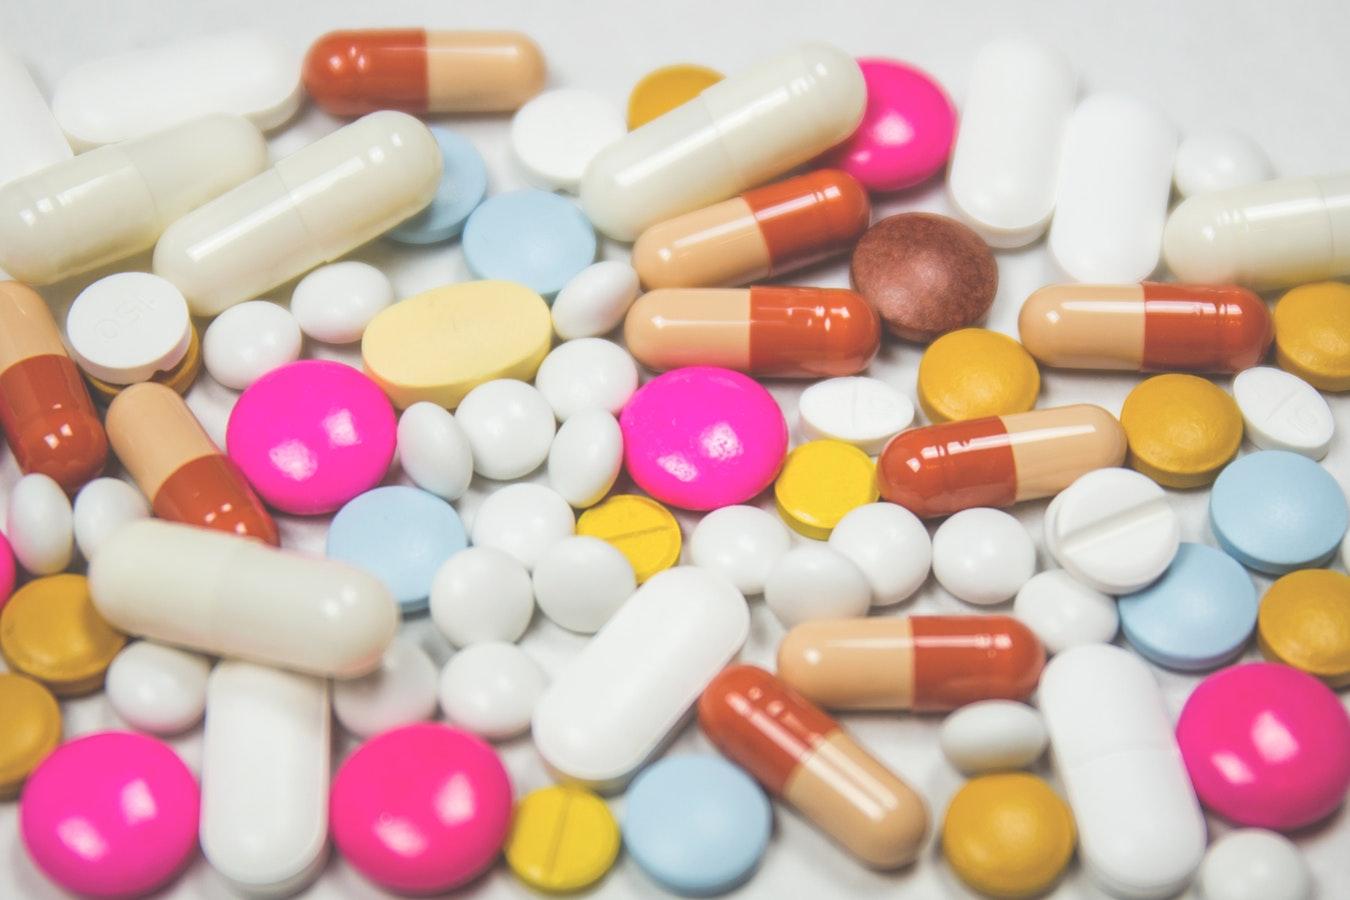 Витамины дляженщин имужчин после 30 – какие лучше?